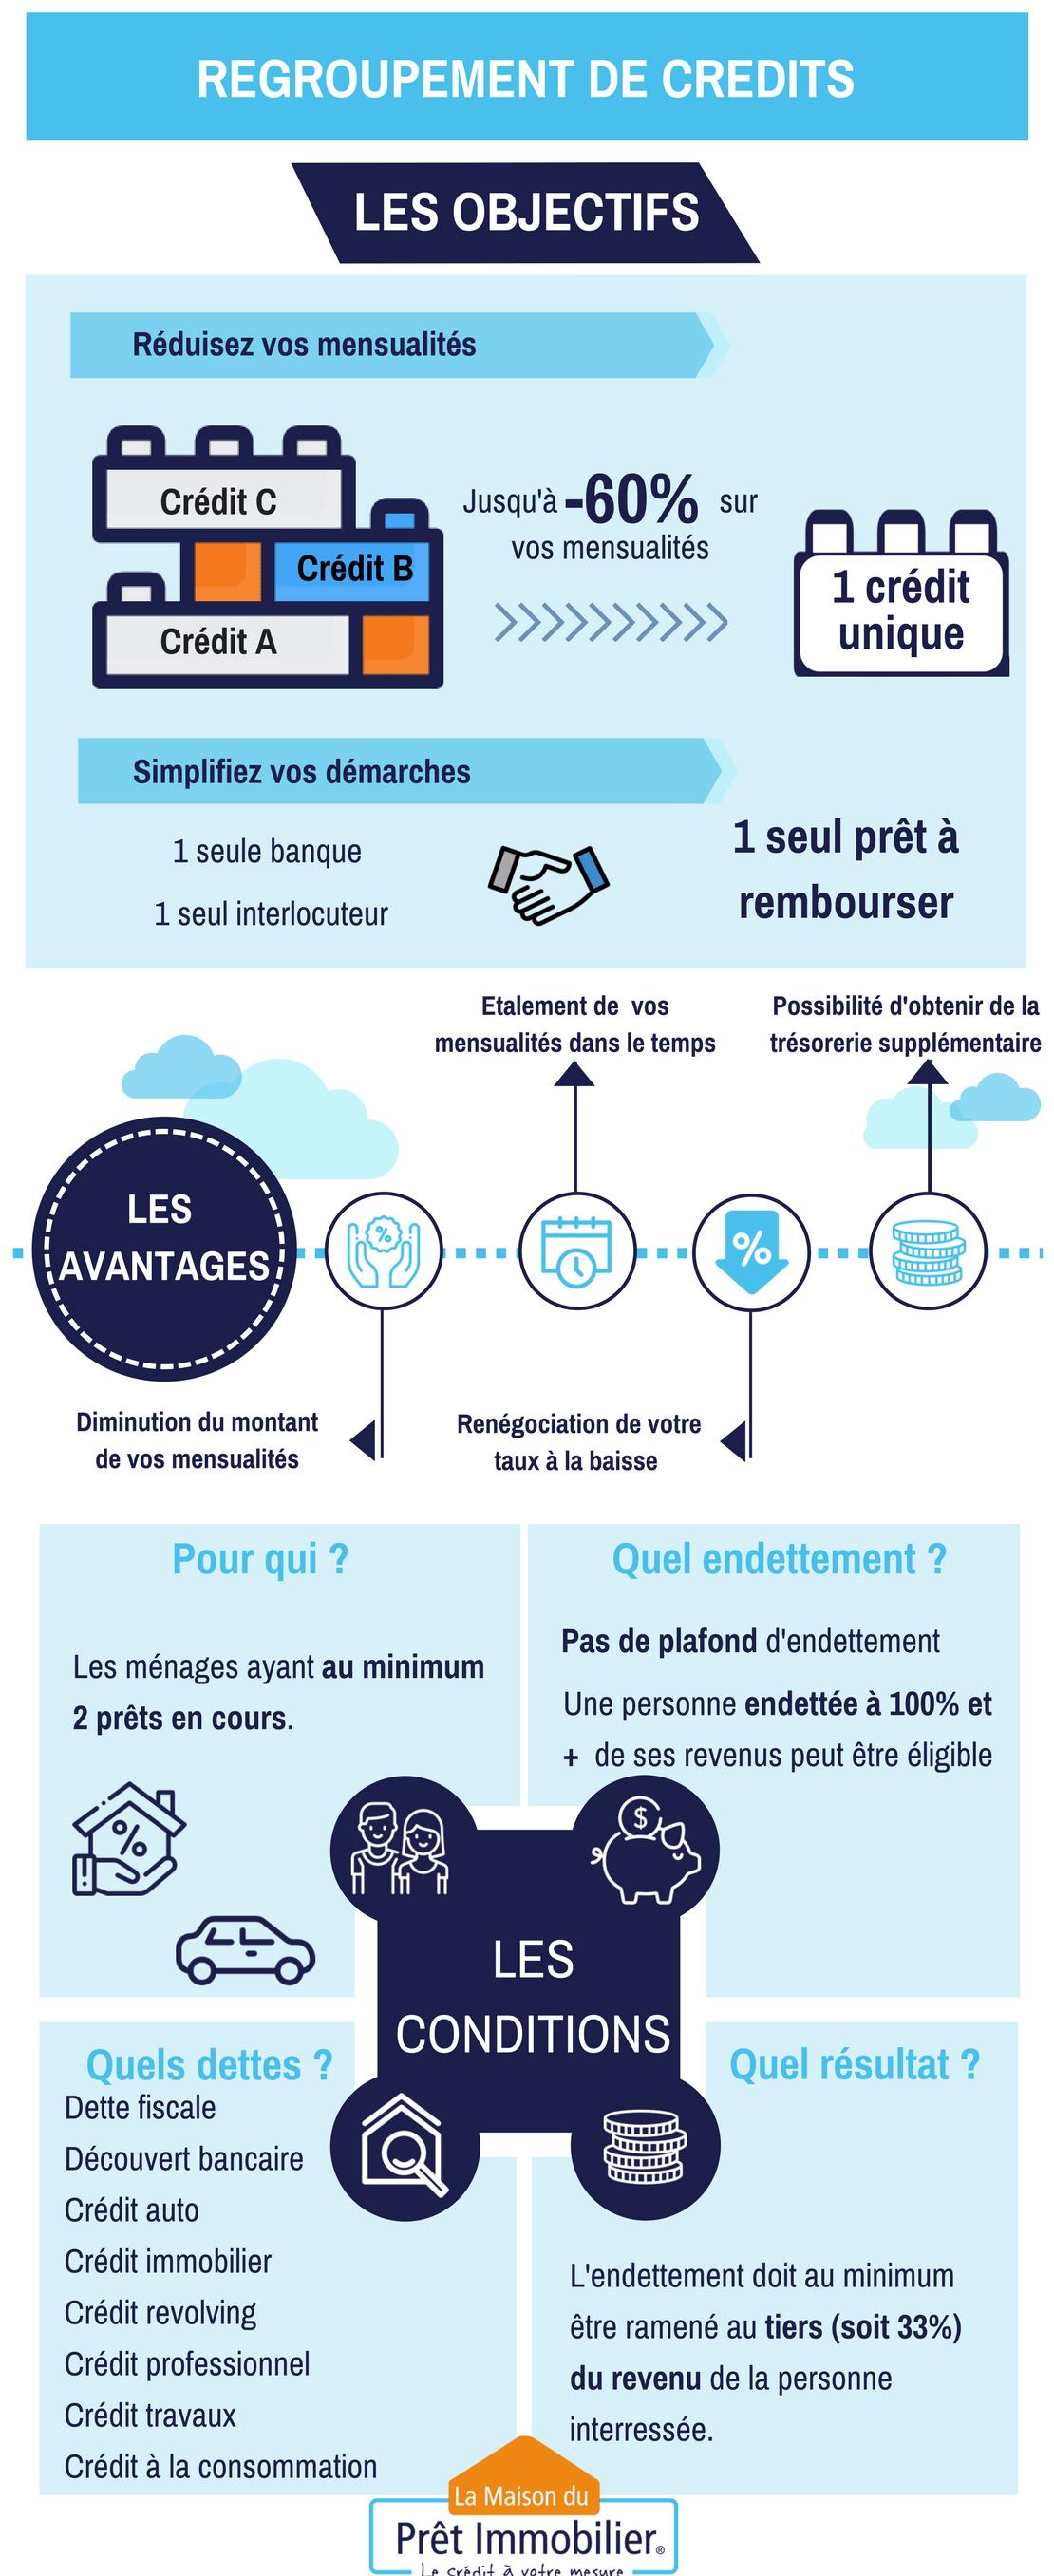 Regroupement de crédits infographie bleu marine